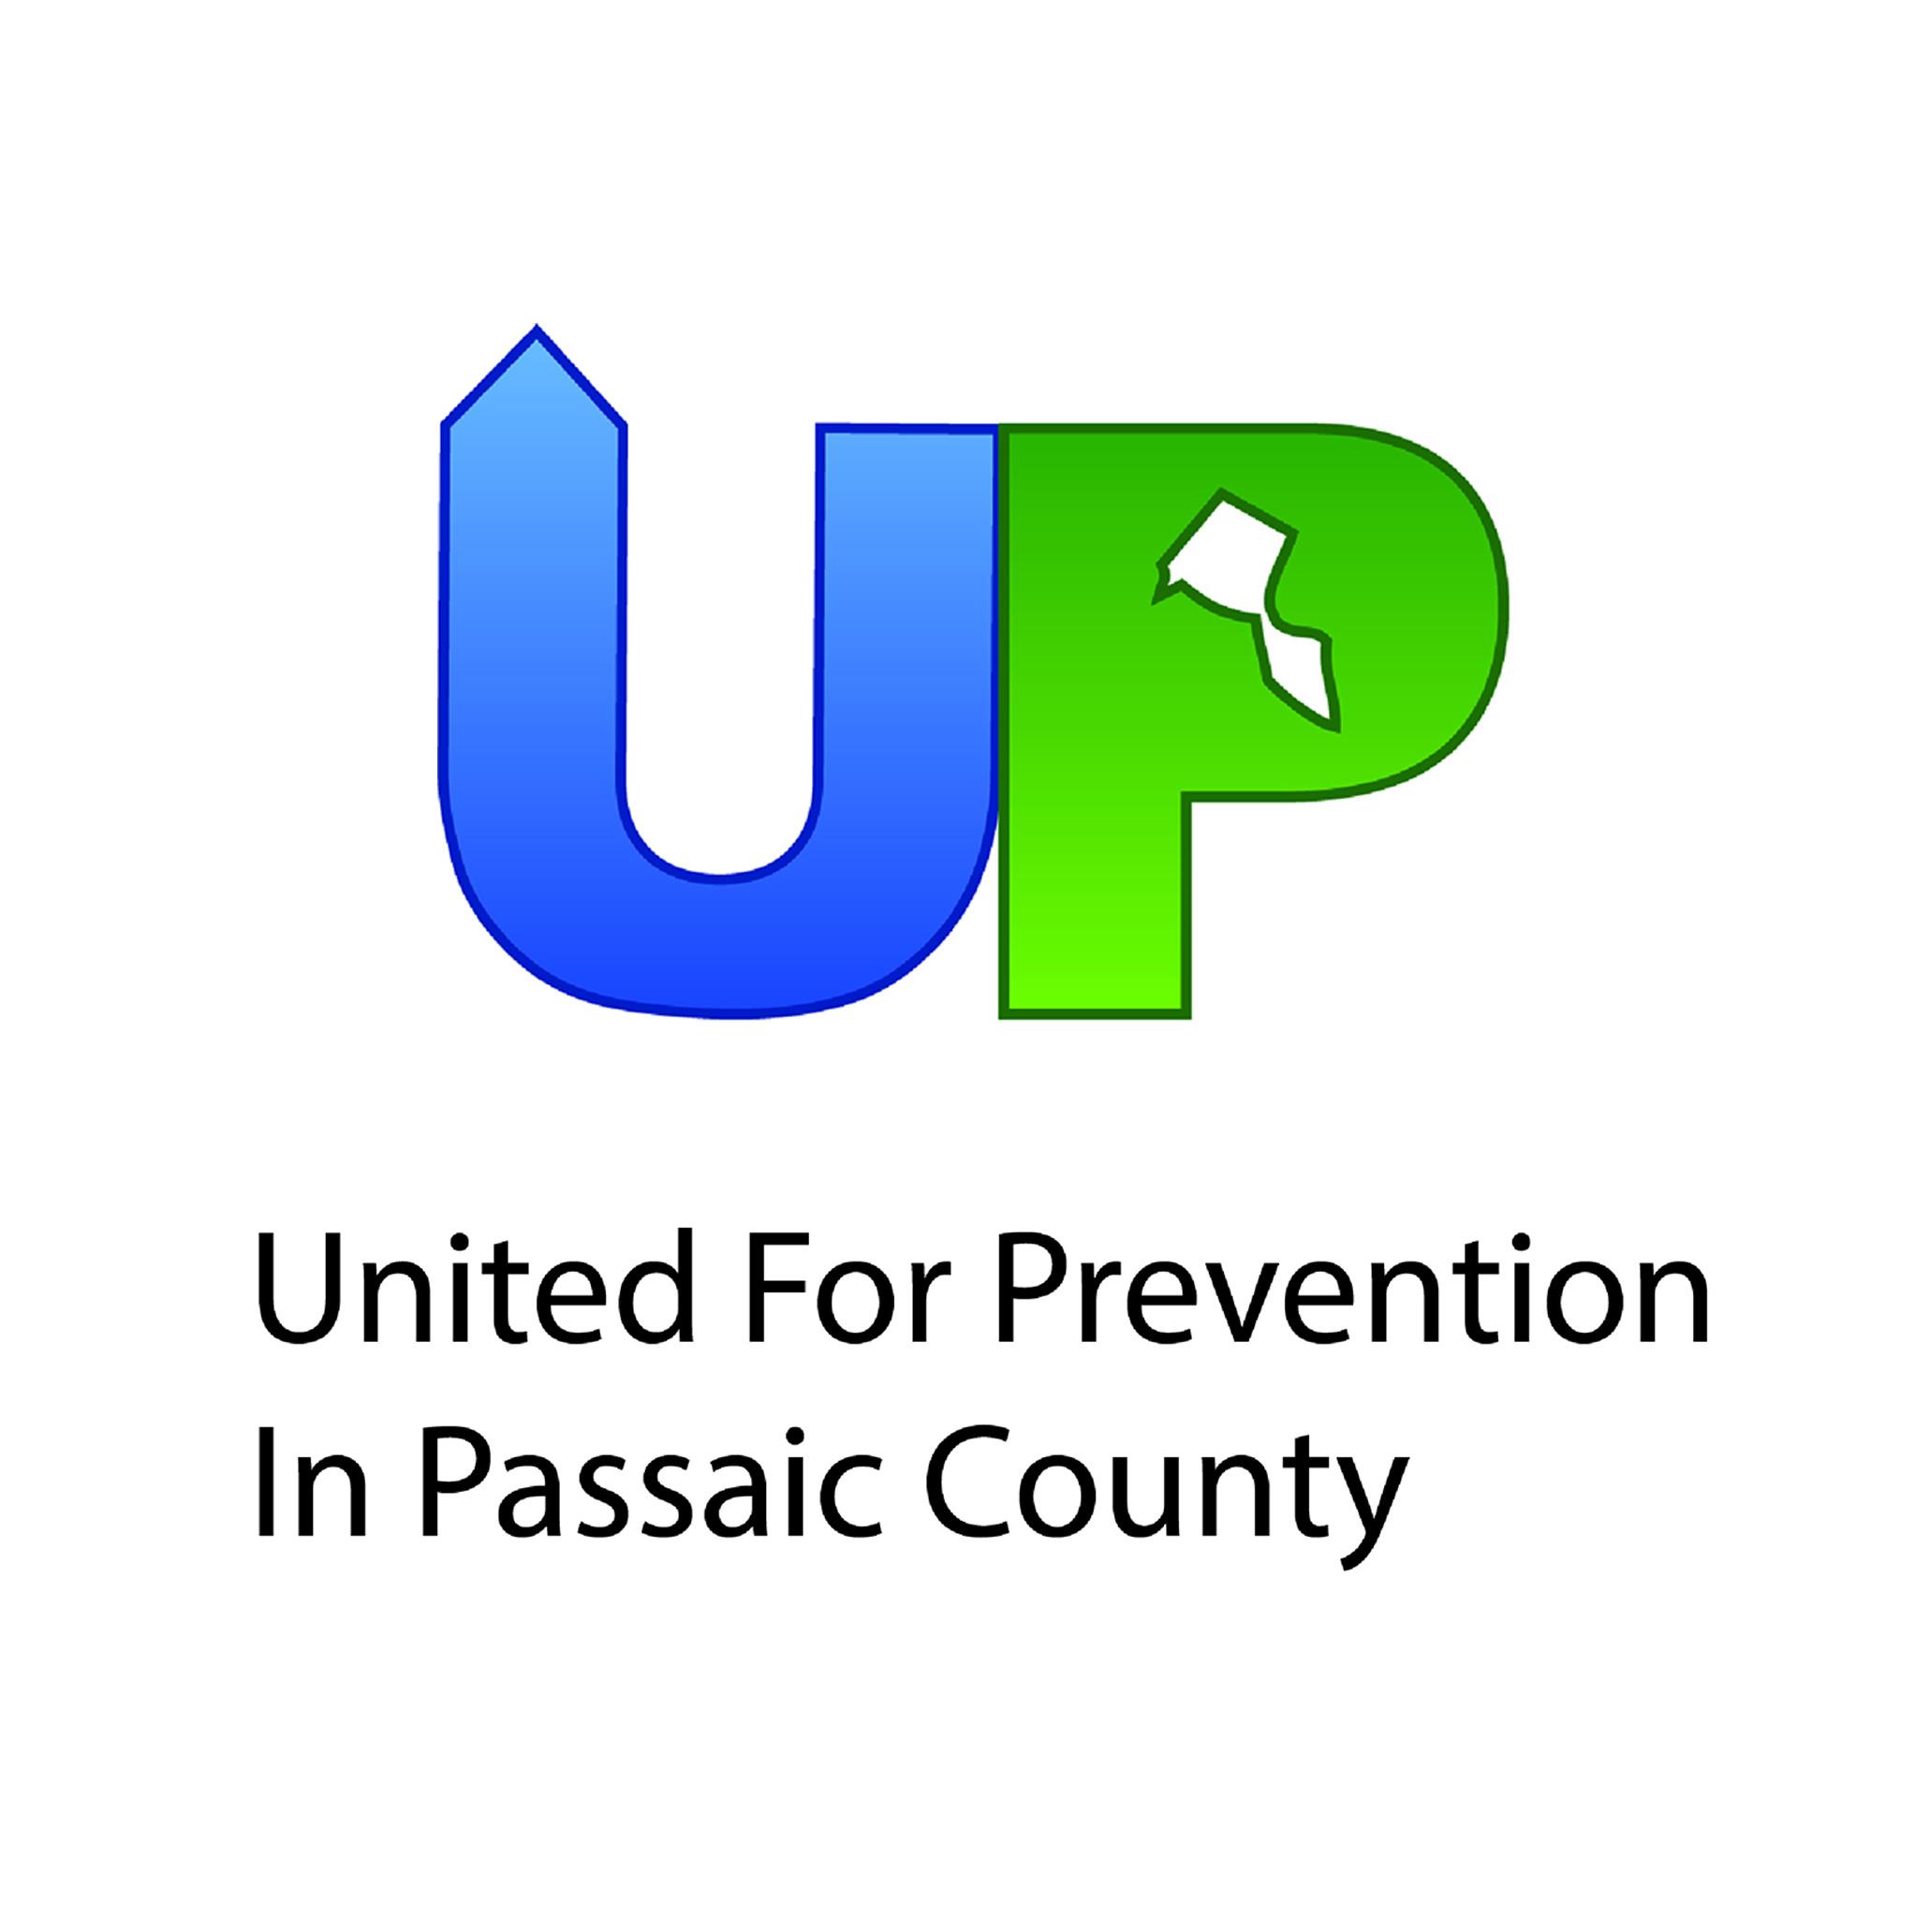 Passaic_County